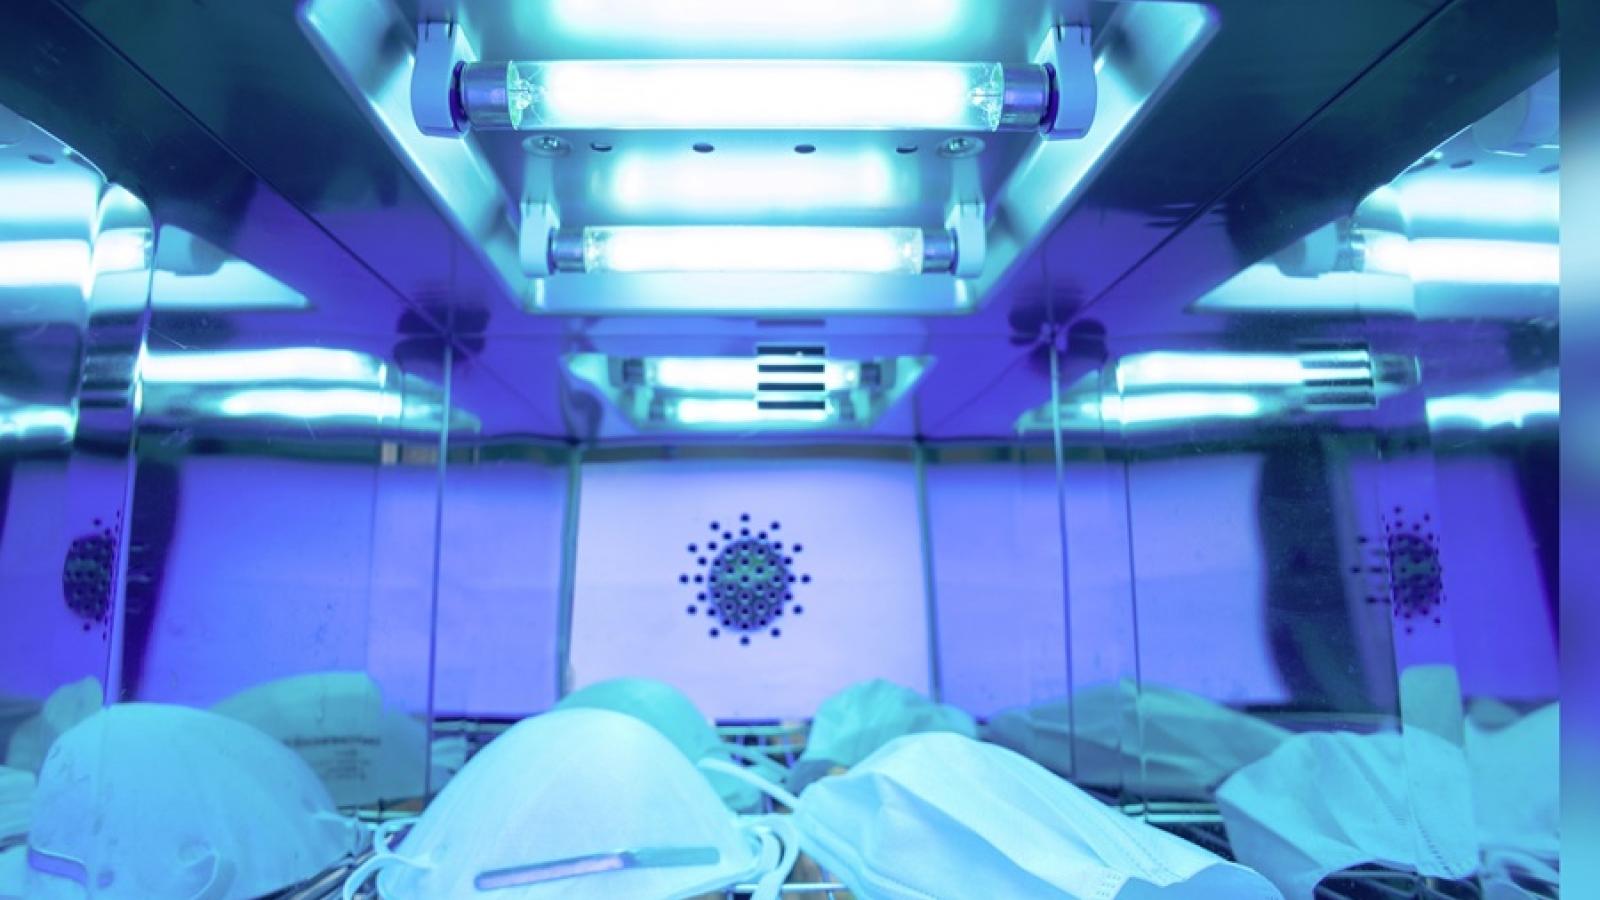 Nhật Bản dùng robot tia cực tím để tiêu diệt virus SARS-CoV-2